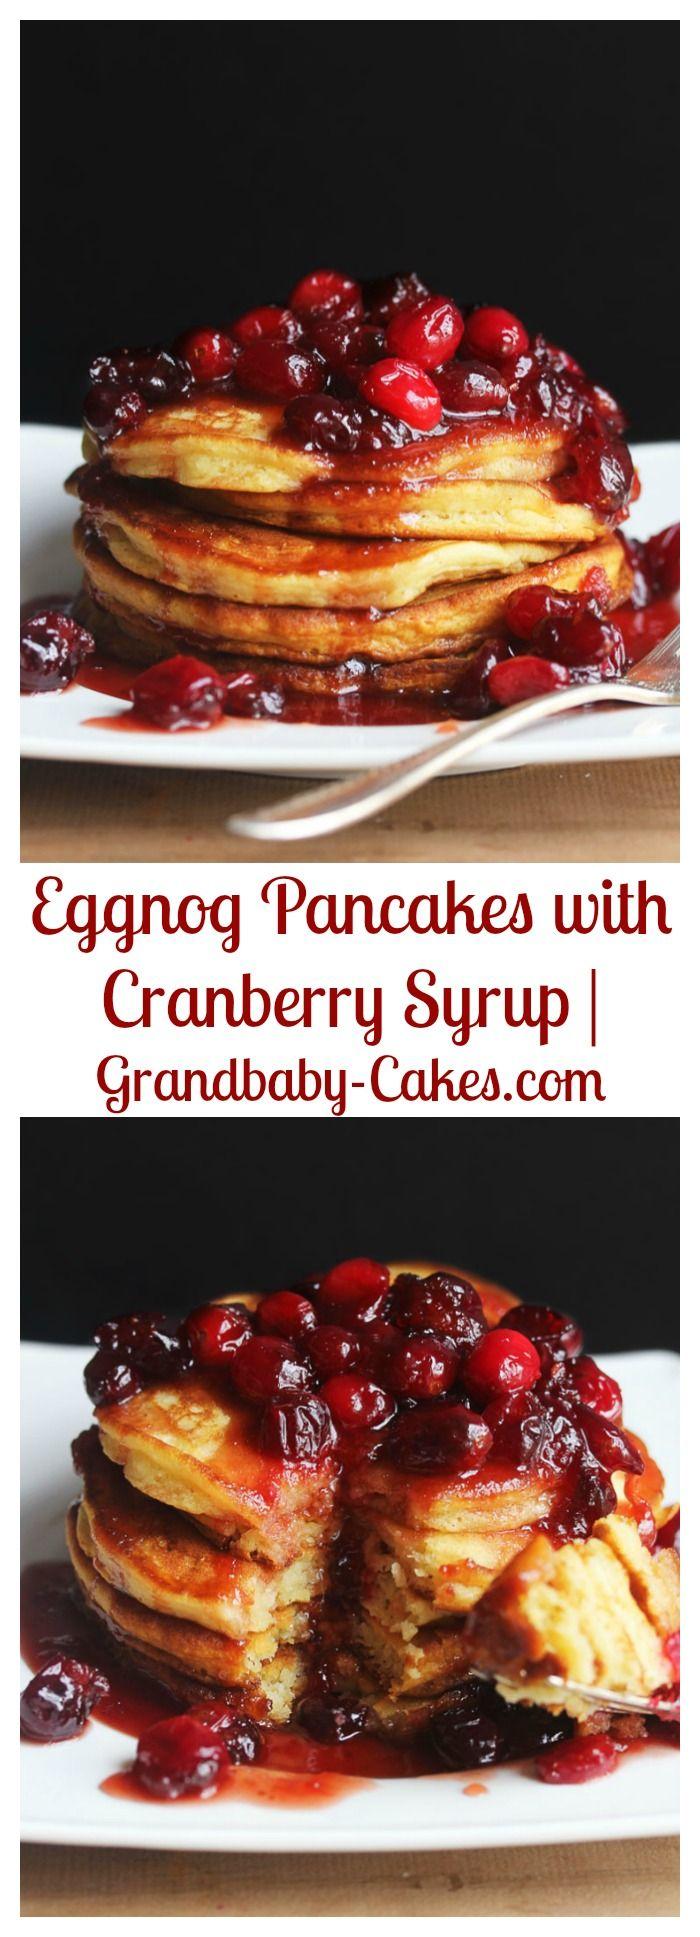 Eggnog Pancakes with Cranberry Syrup | Grandbaby-Cakes.com